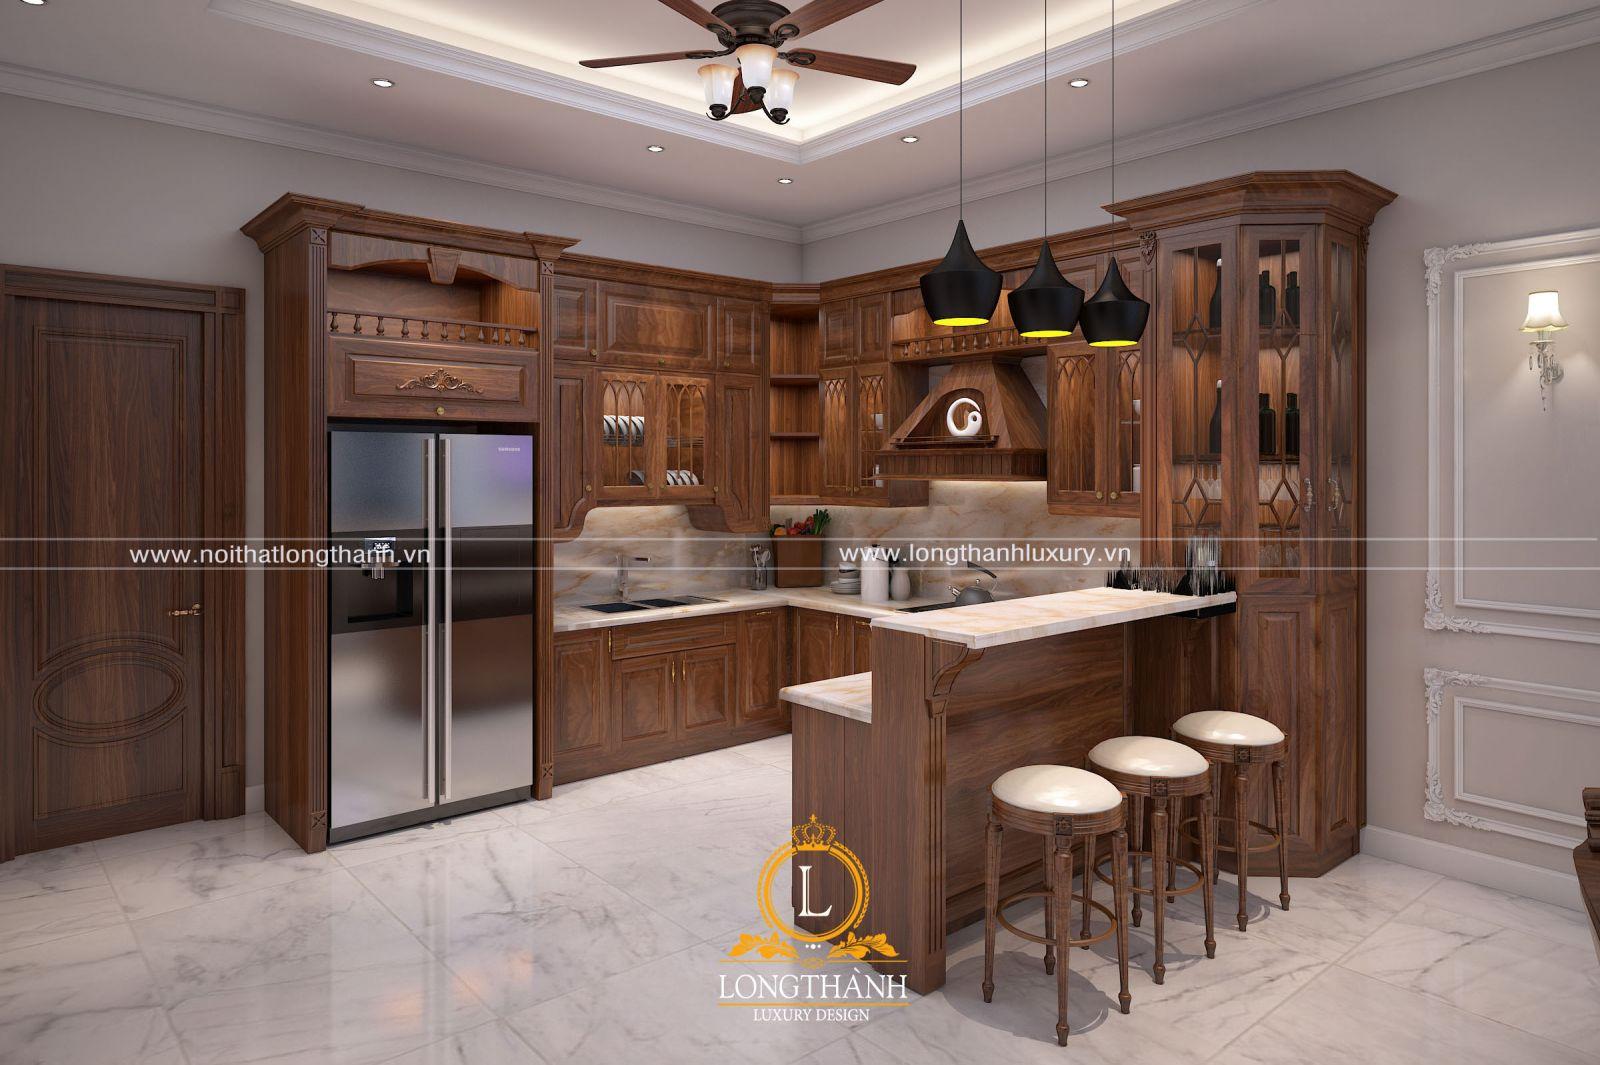 Dự án thiết kế không gian phòng bếp nhà anh Triệu - Hà Nam